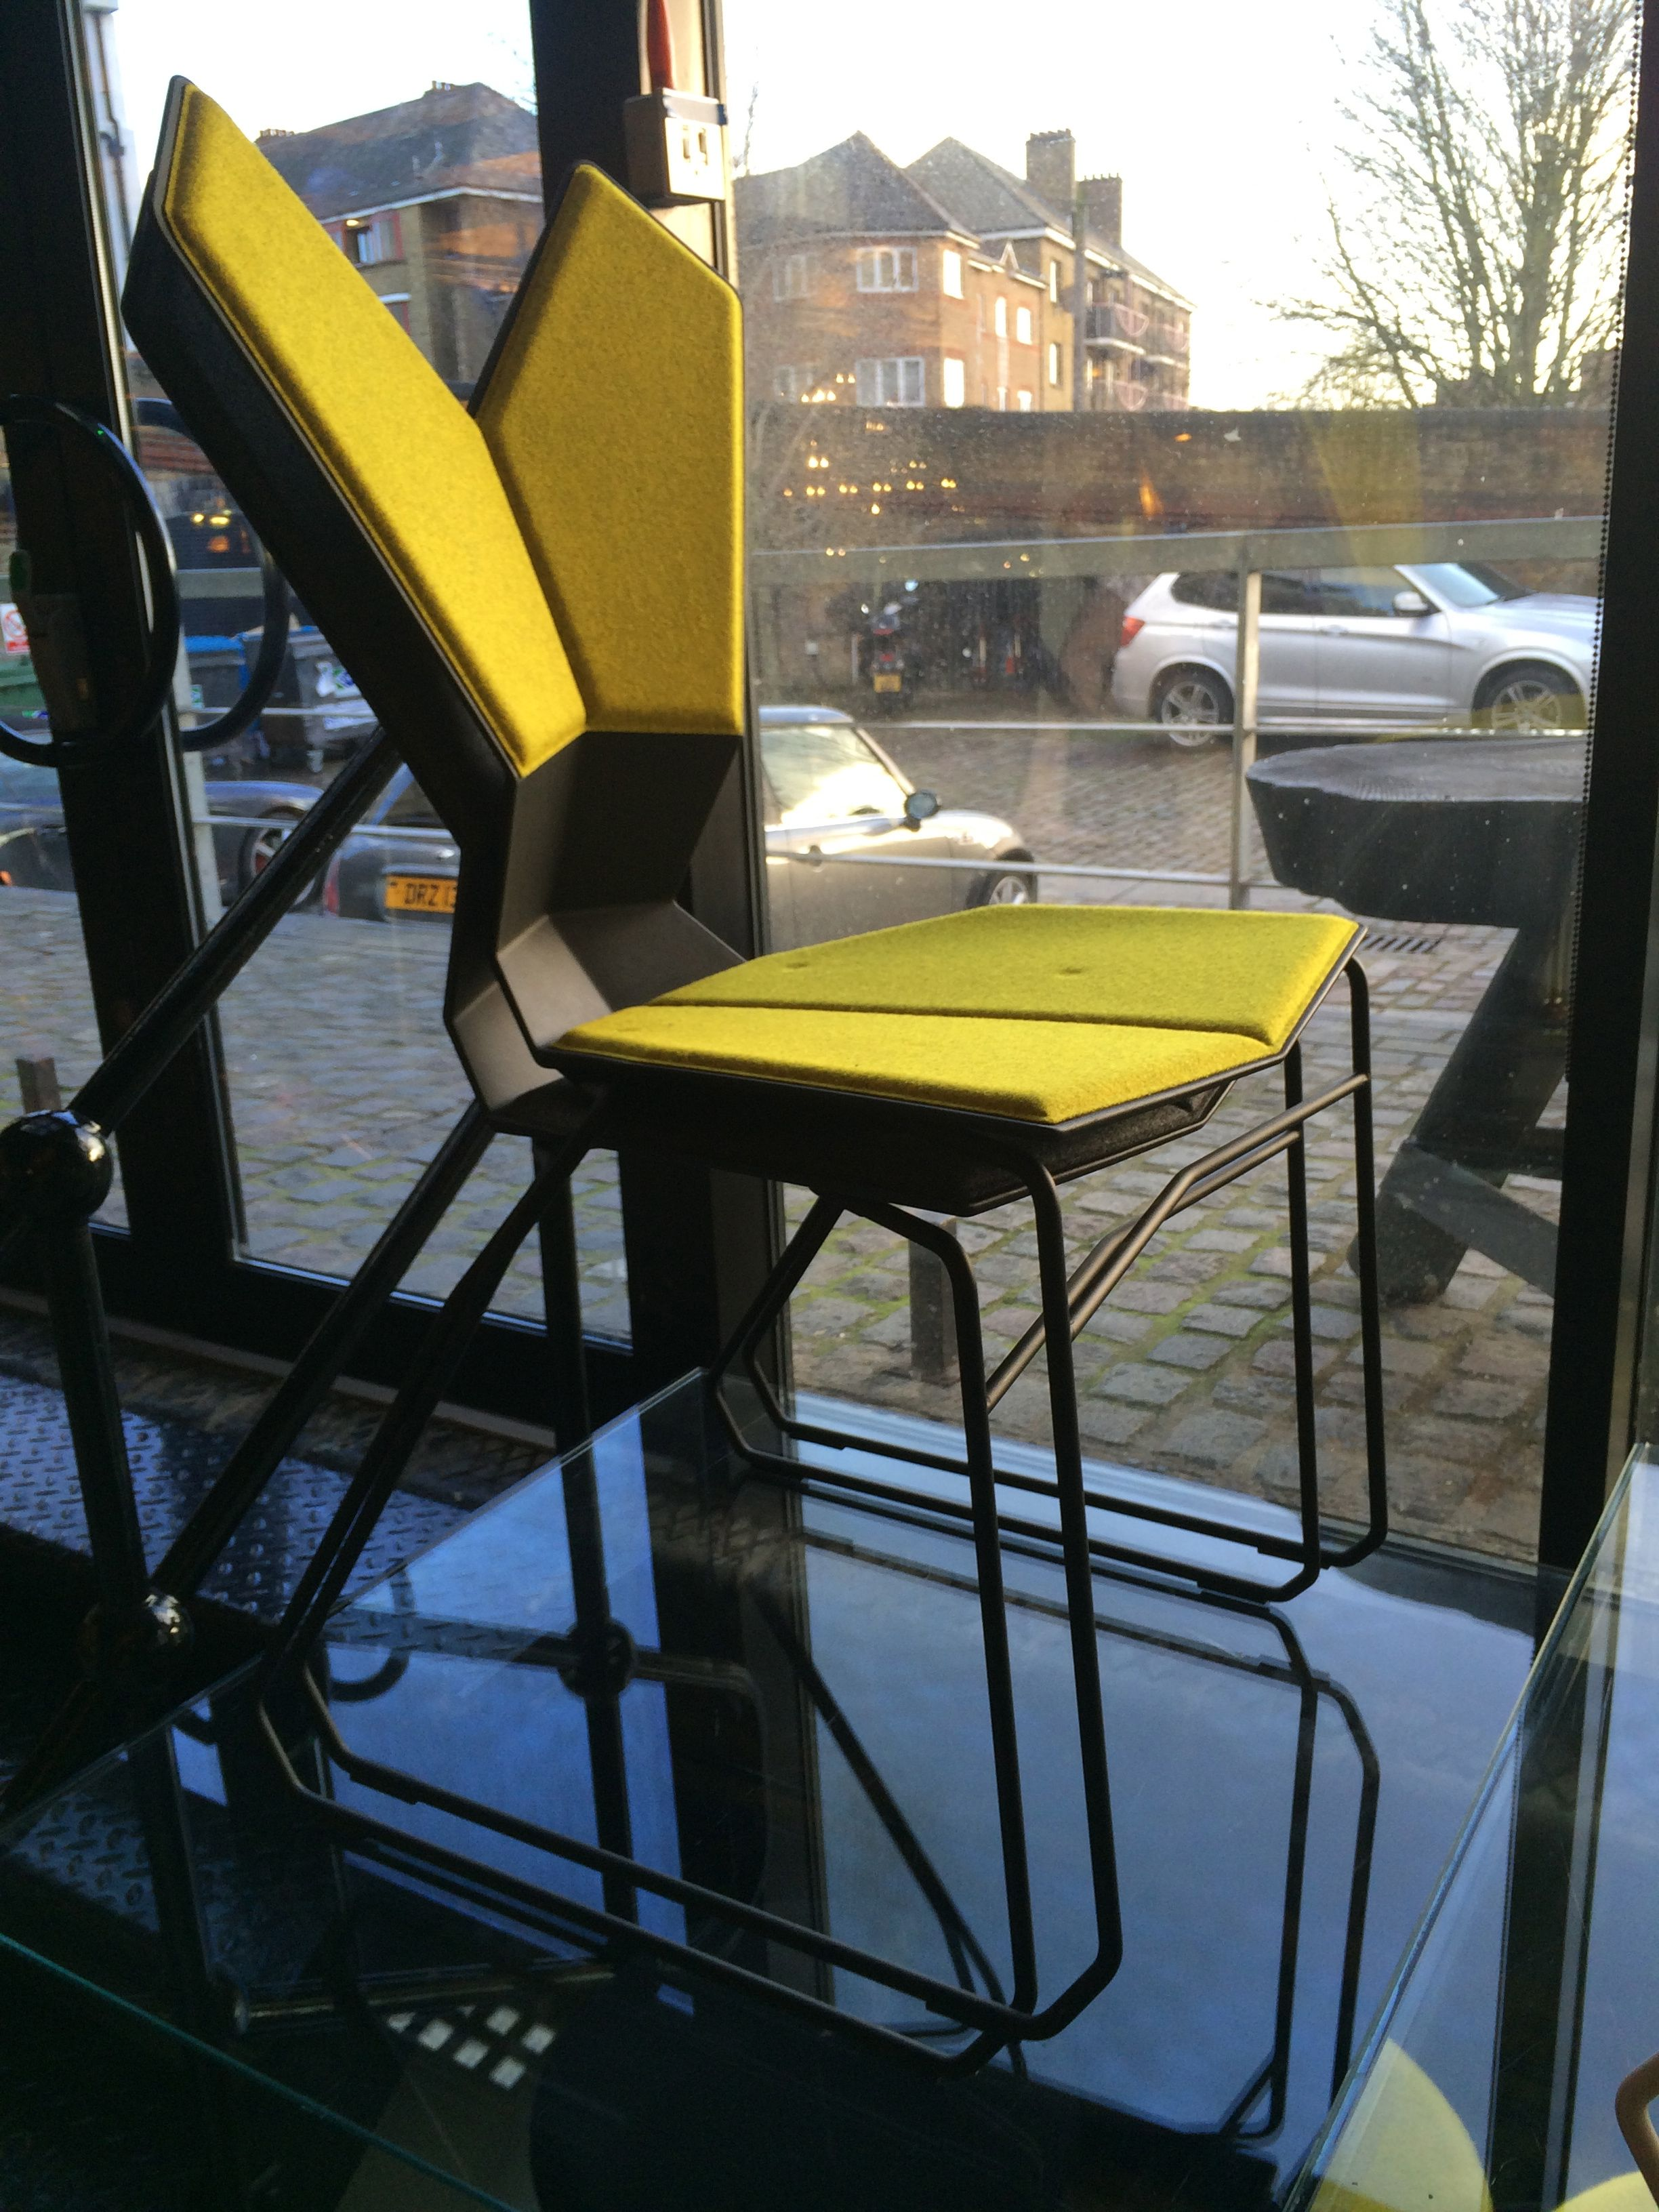 Konferrenz-Stuhl I Besprechungsstuhl I Office I Interior I Ergnomie Stuhl I glasfaserverstärkte Nylon I LDF 2013 I Y Chair by Tom Dixon